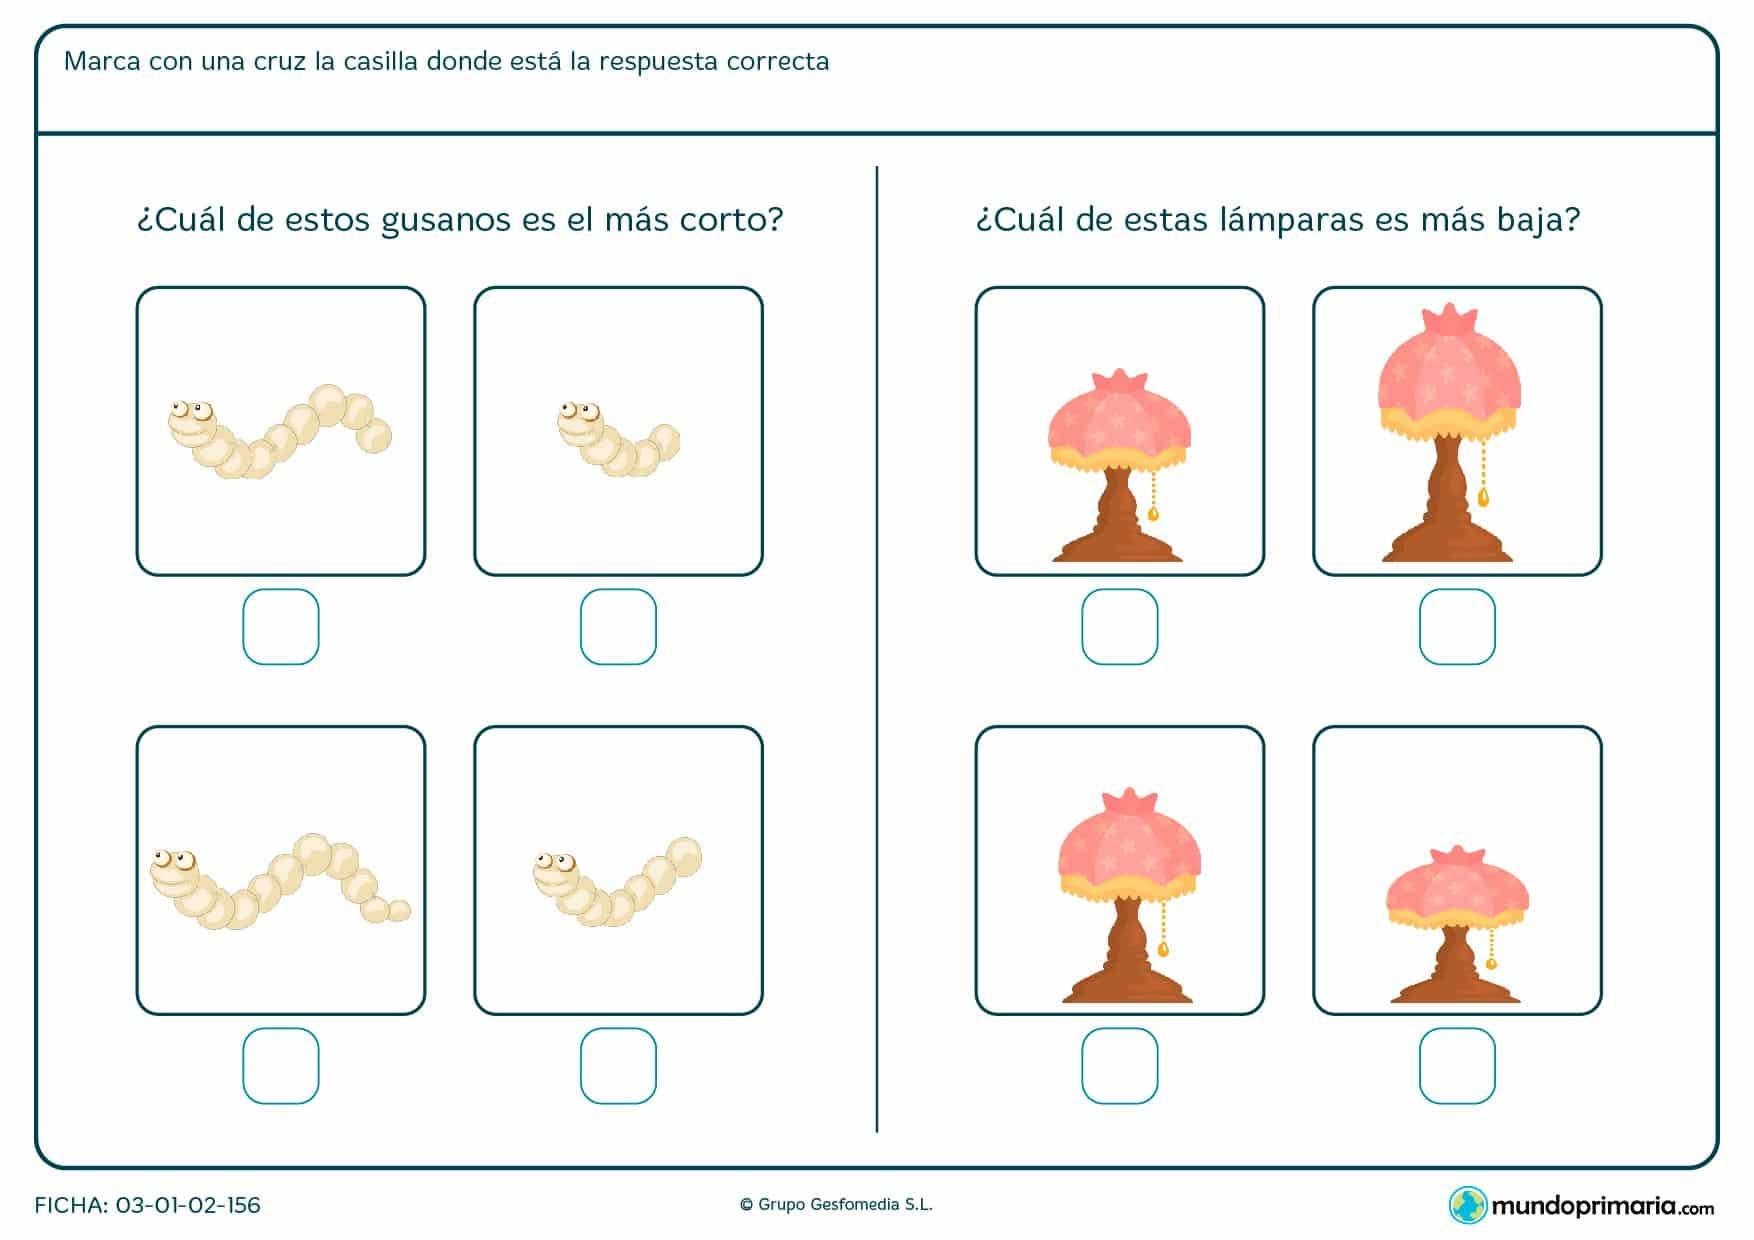 ¿Cuál es el gusano más corto? ¿Qué lámpara es más baja? Compara las imágenes y señala la correcta.